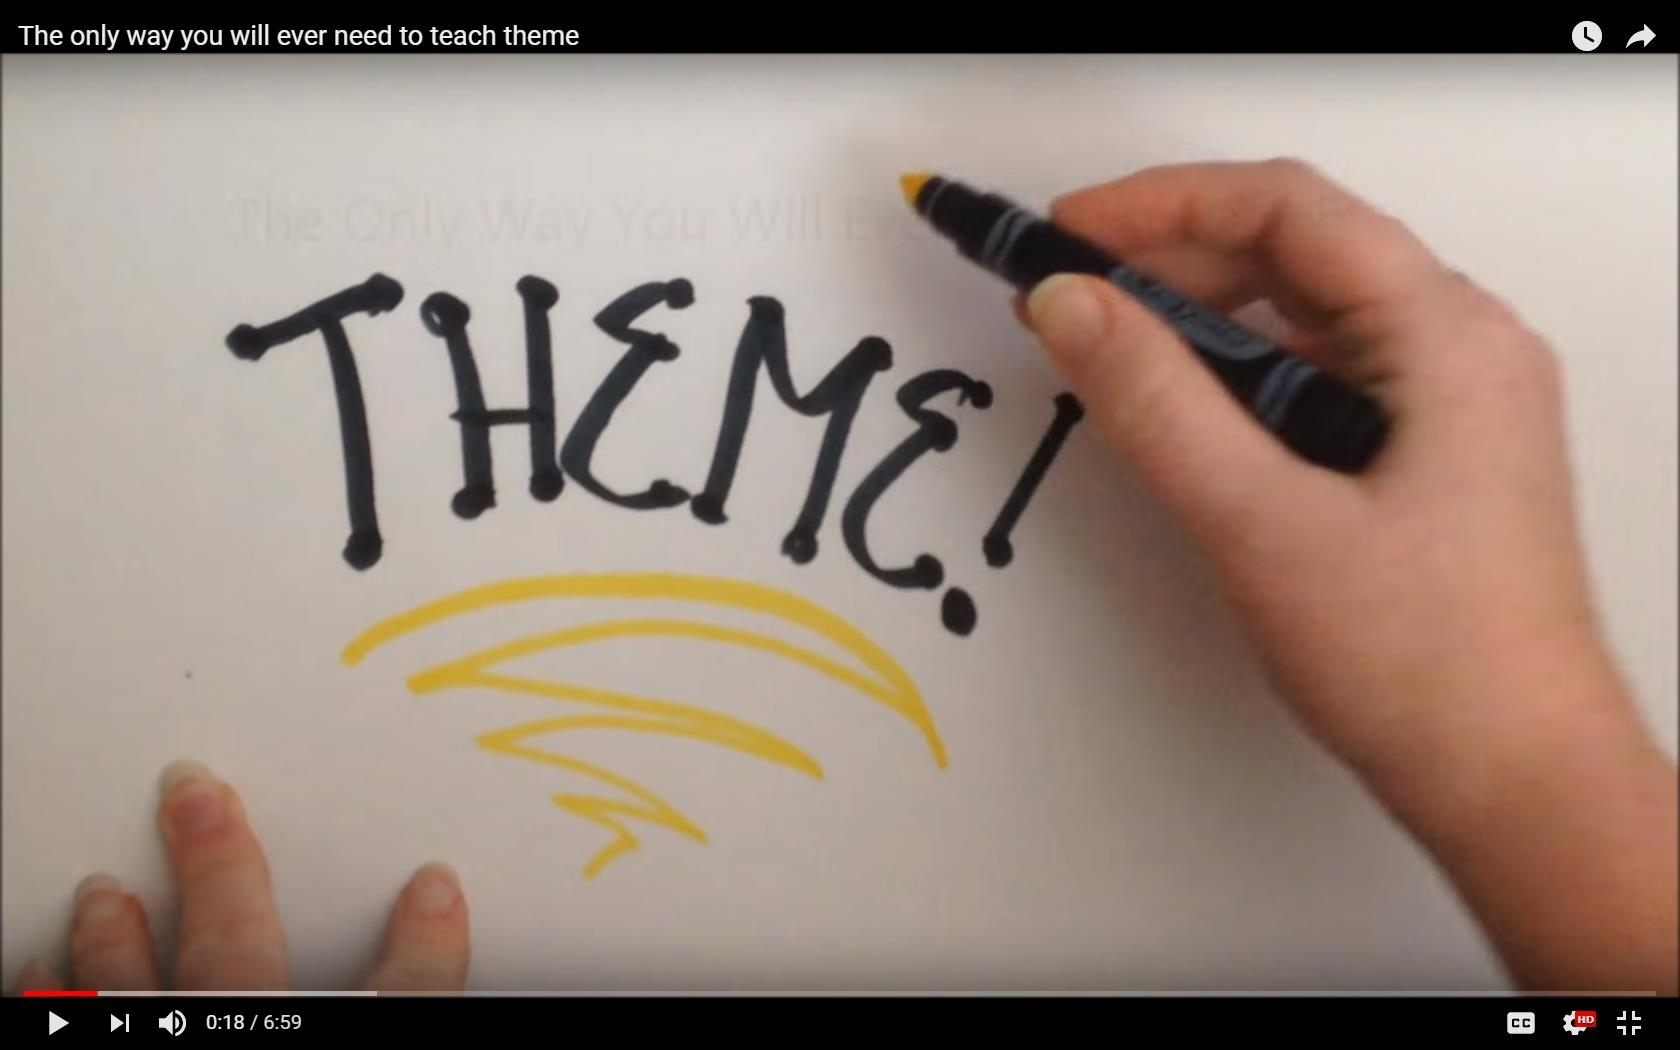 Sara Johnson's YouTube Video about Teaching Theme